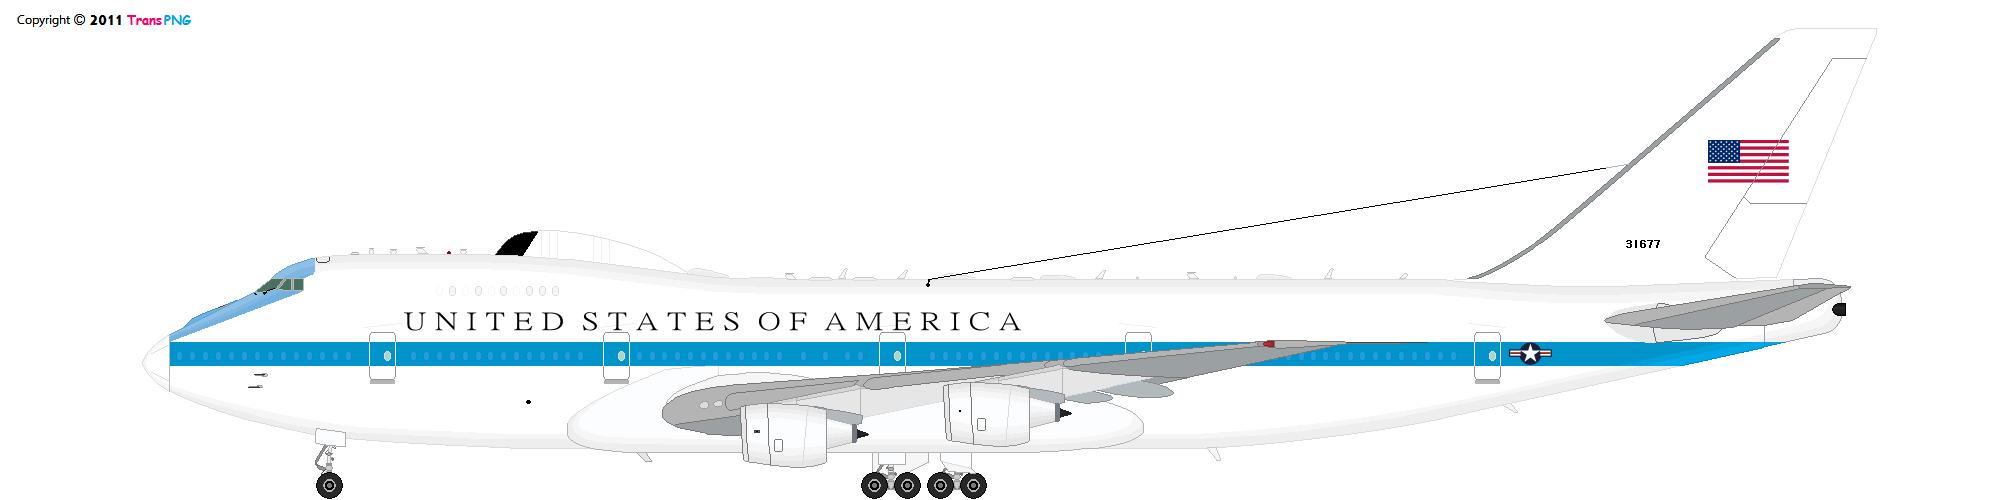 政府/軍用飛機 7014